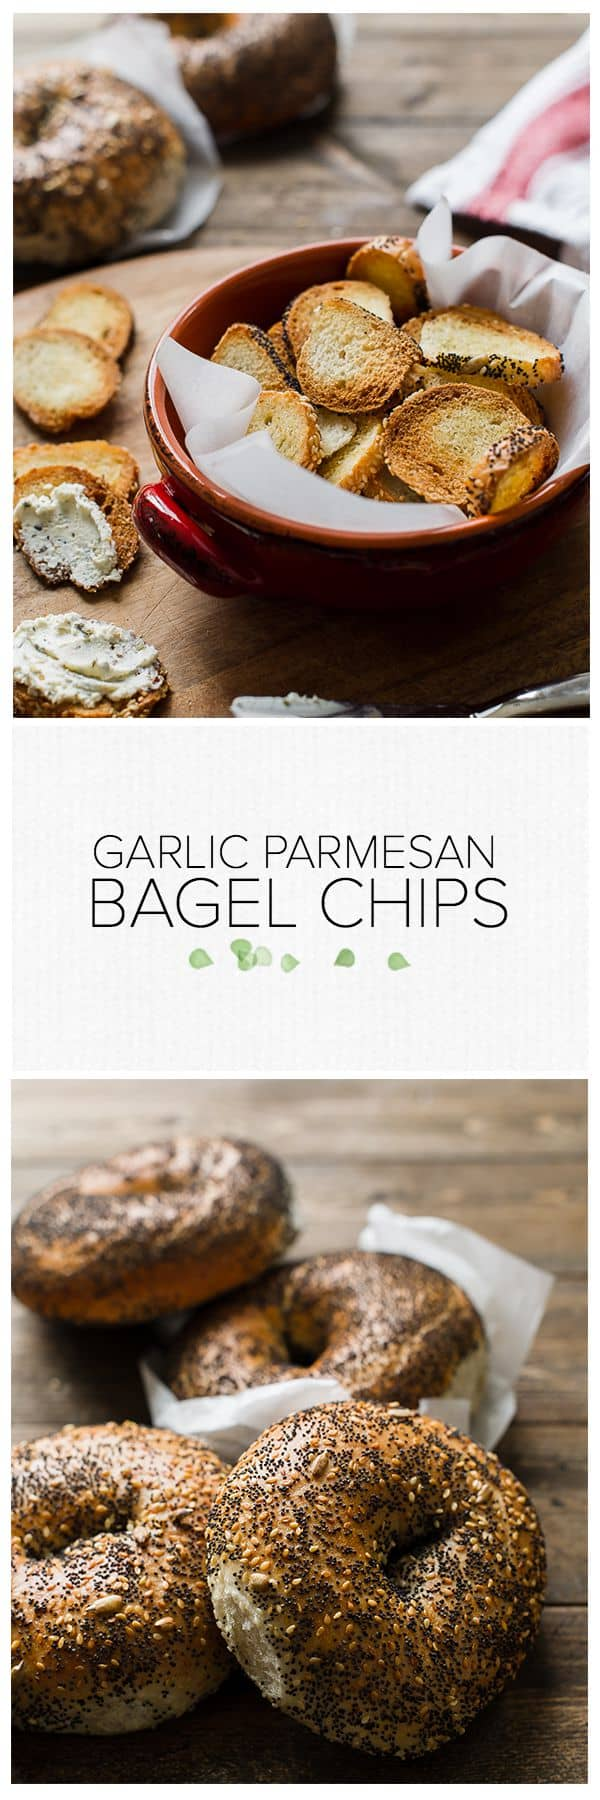 Garlic Parmesan Bagel Chips | www.kitchenconfidante.com | Extra bagels? Make bagel chips!